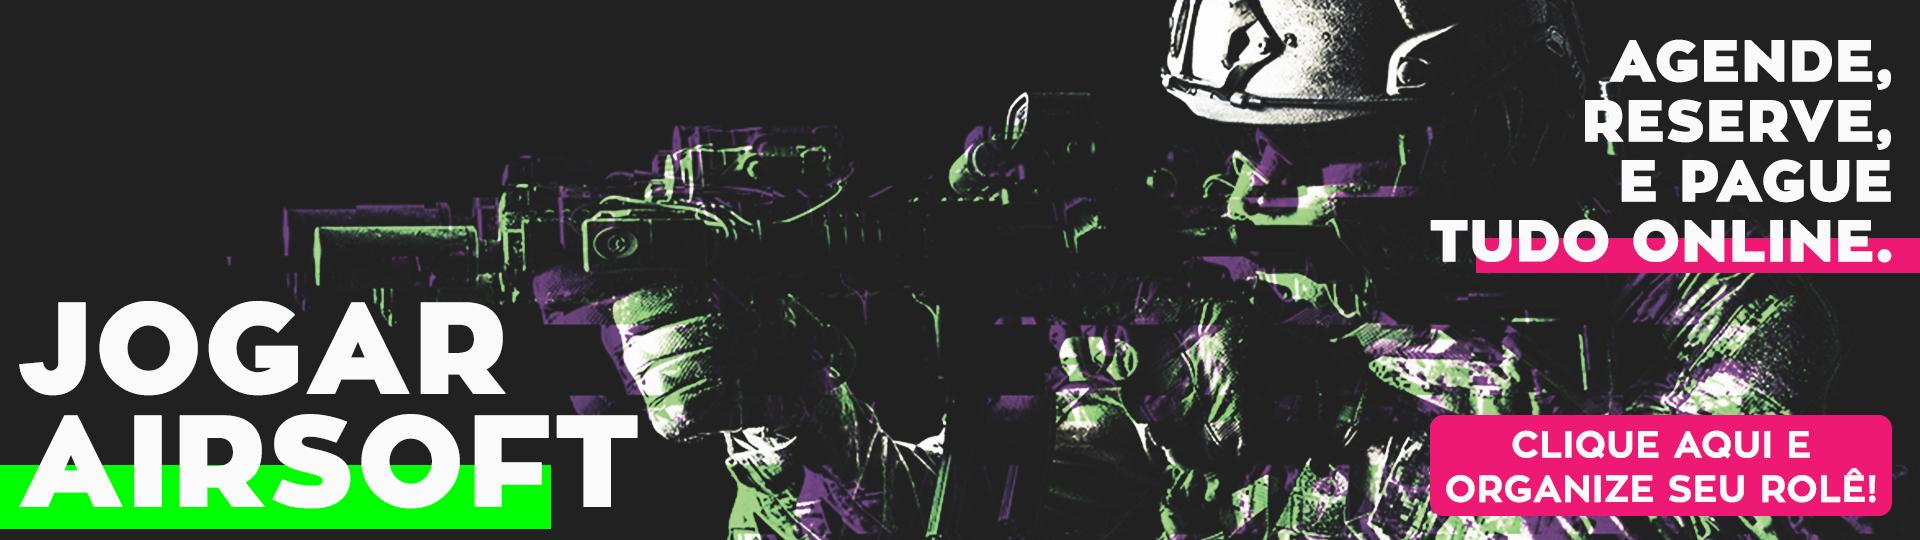 Soldado com todas as vestimentas de exército, segurando uma arma de airsoft e mirando para o lado esquerdo. Texto na esquerda inferior: jogar airsoft. Texto na direita superior: agende, reserve e pague tudo online. Texto direita inferior: clique aqui e organize seu rolê!